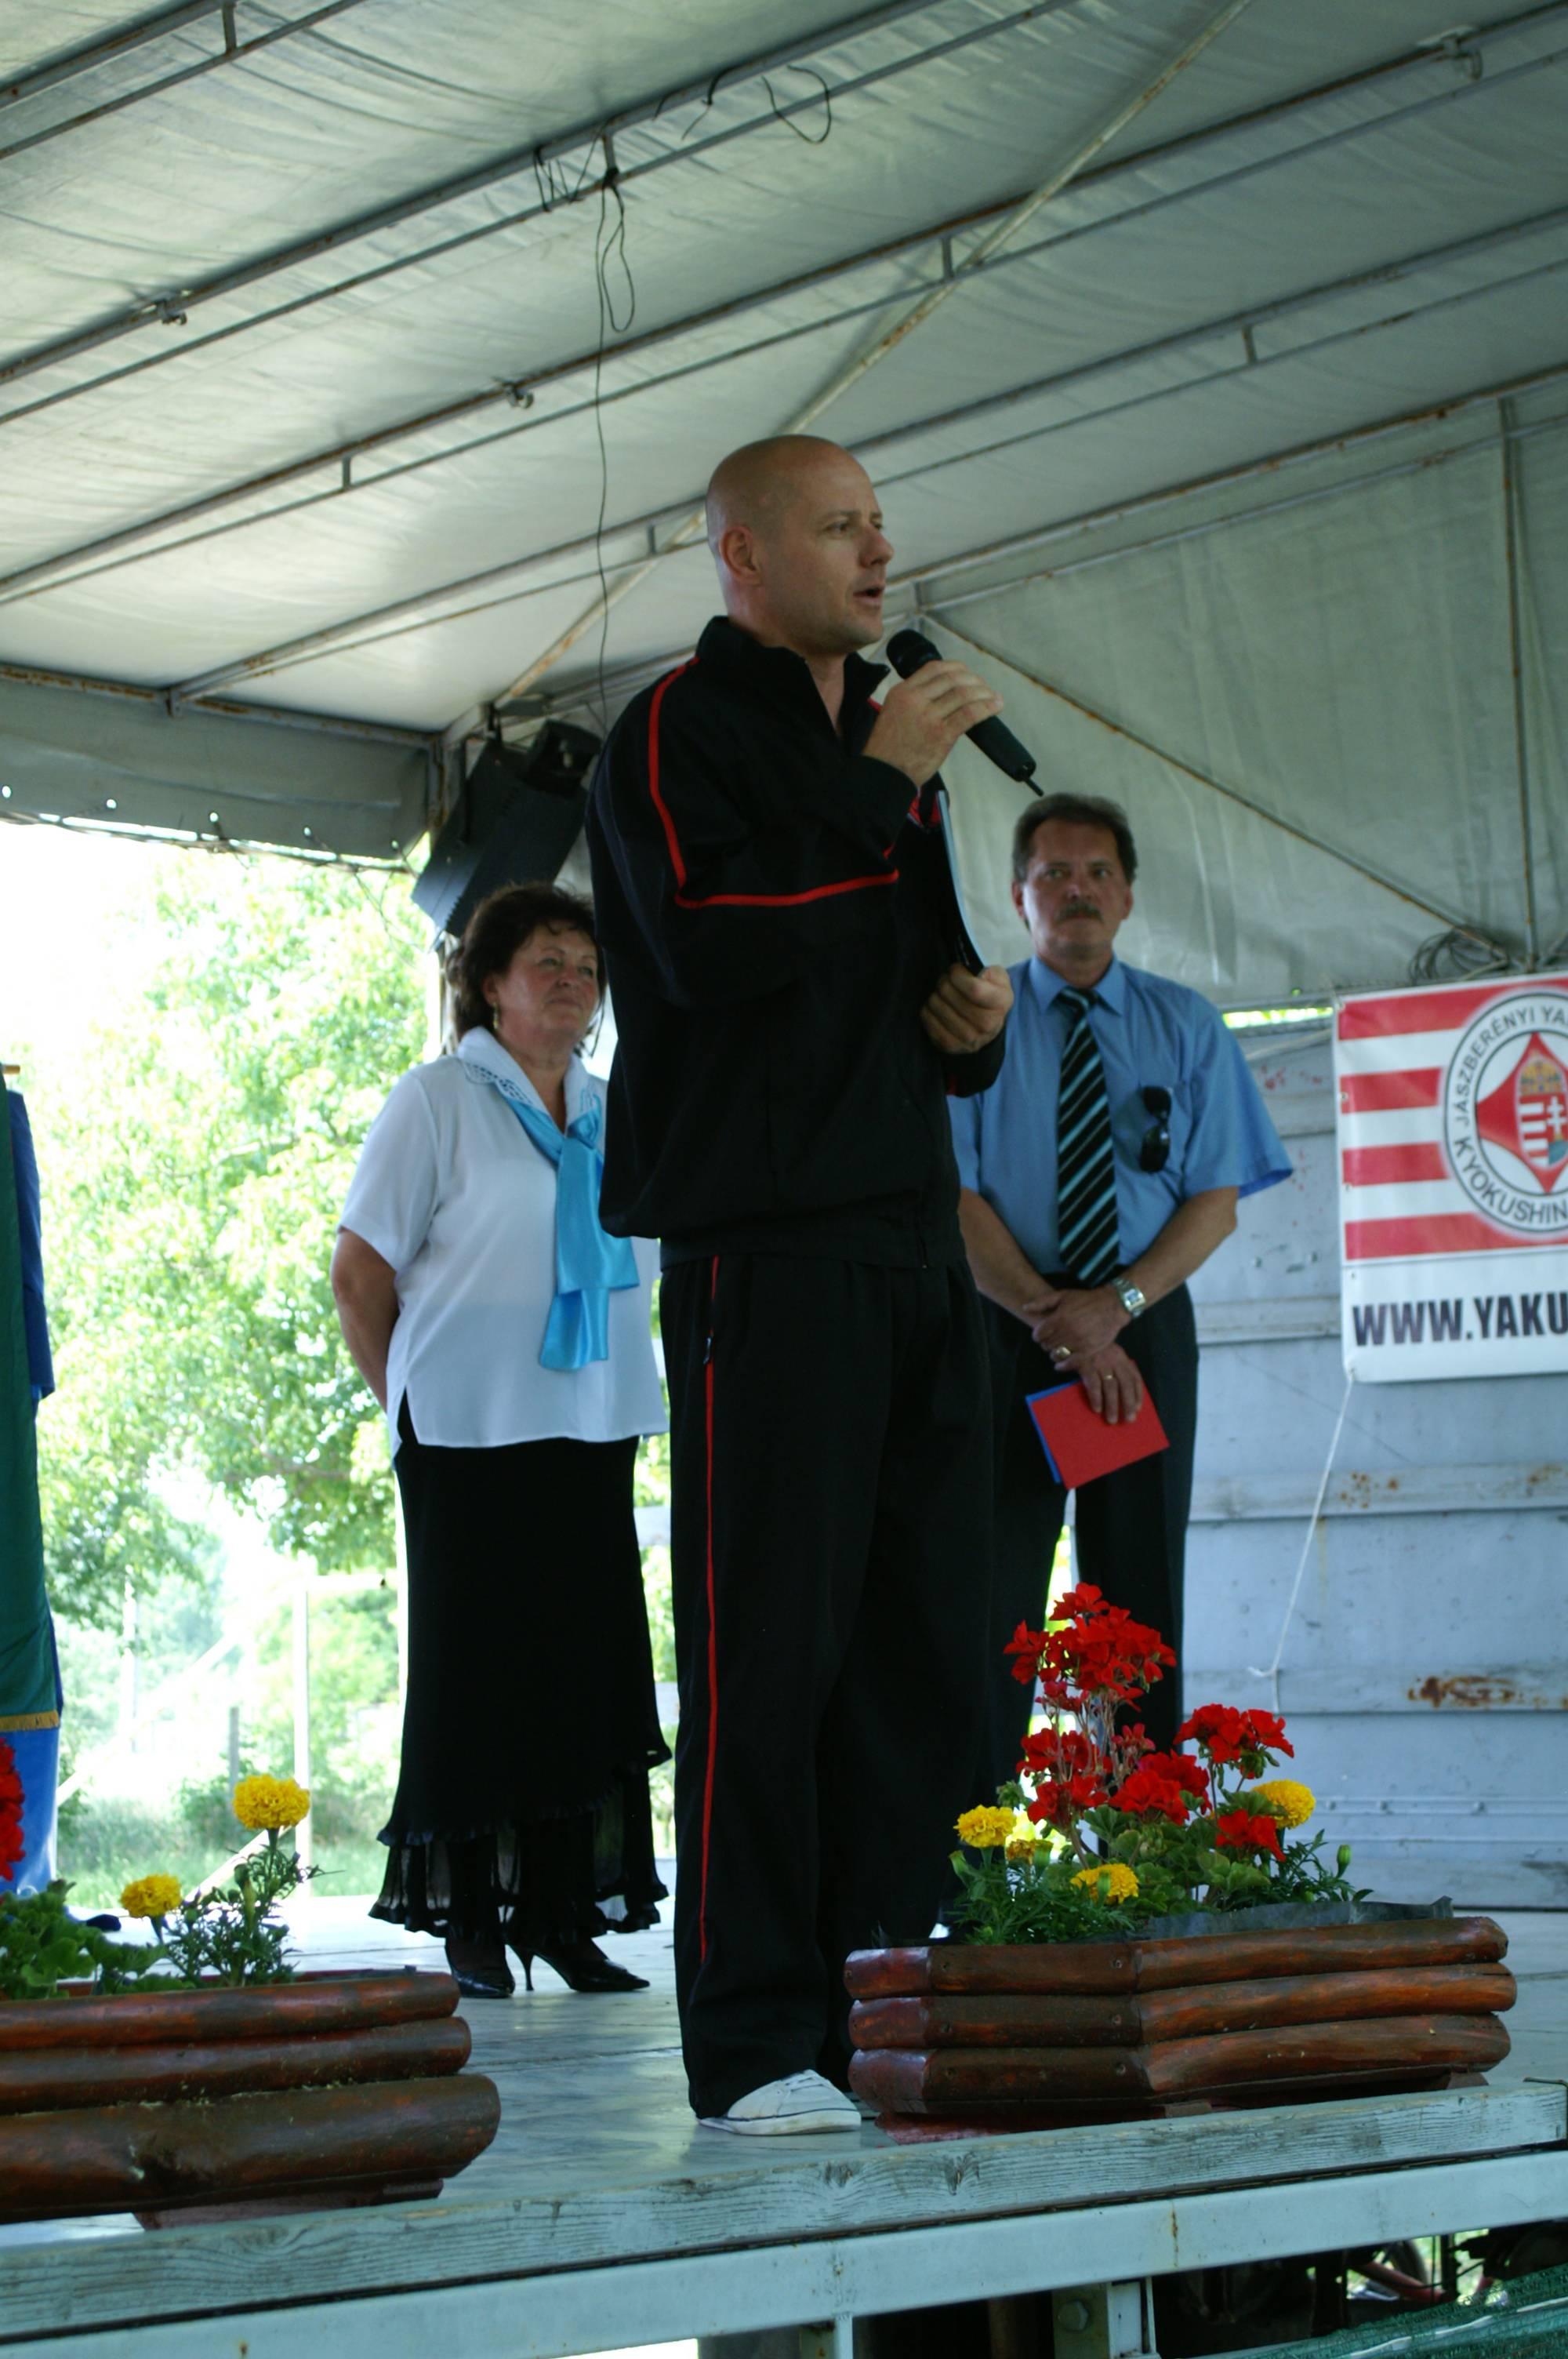 StrandRendezveny-2011-06-04_11-25-34.jpg